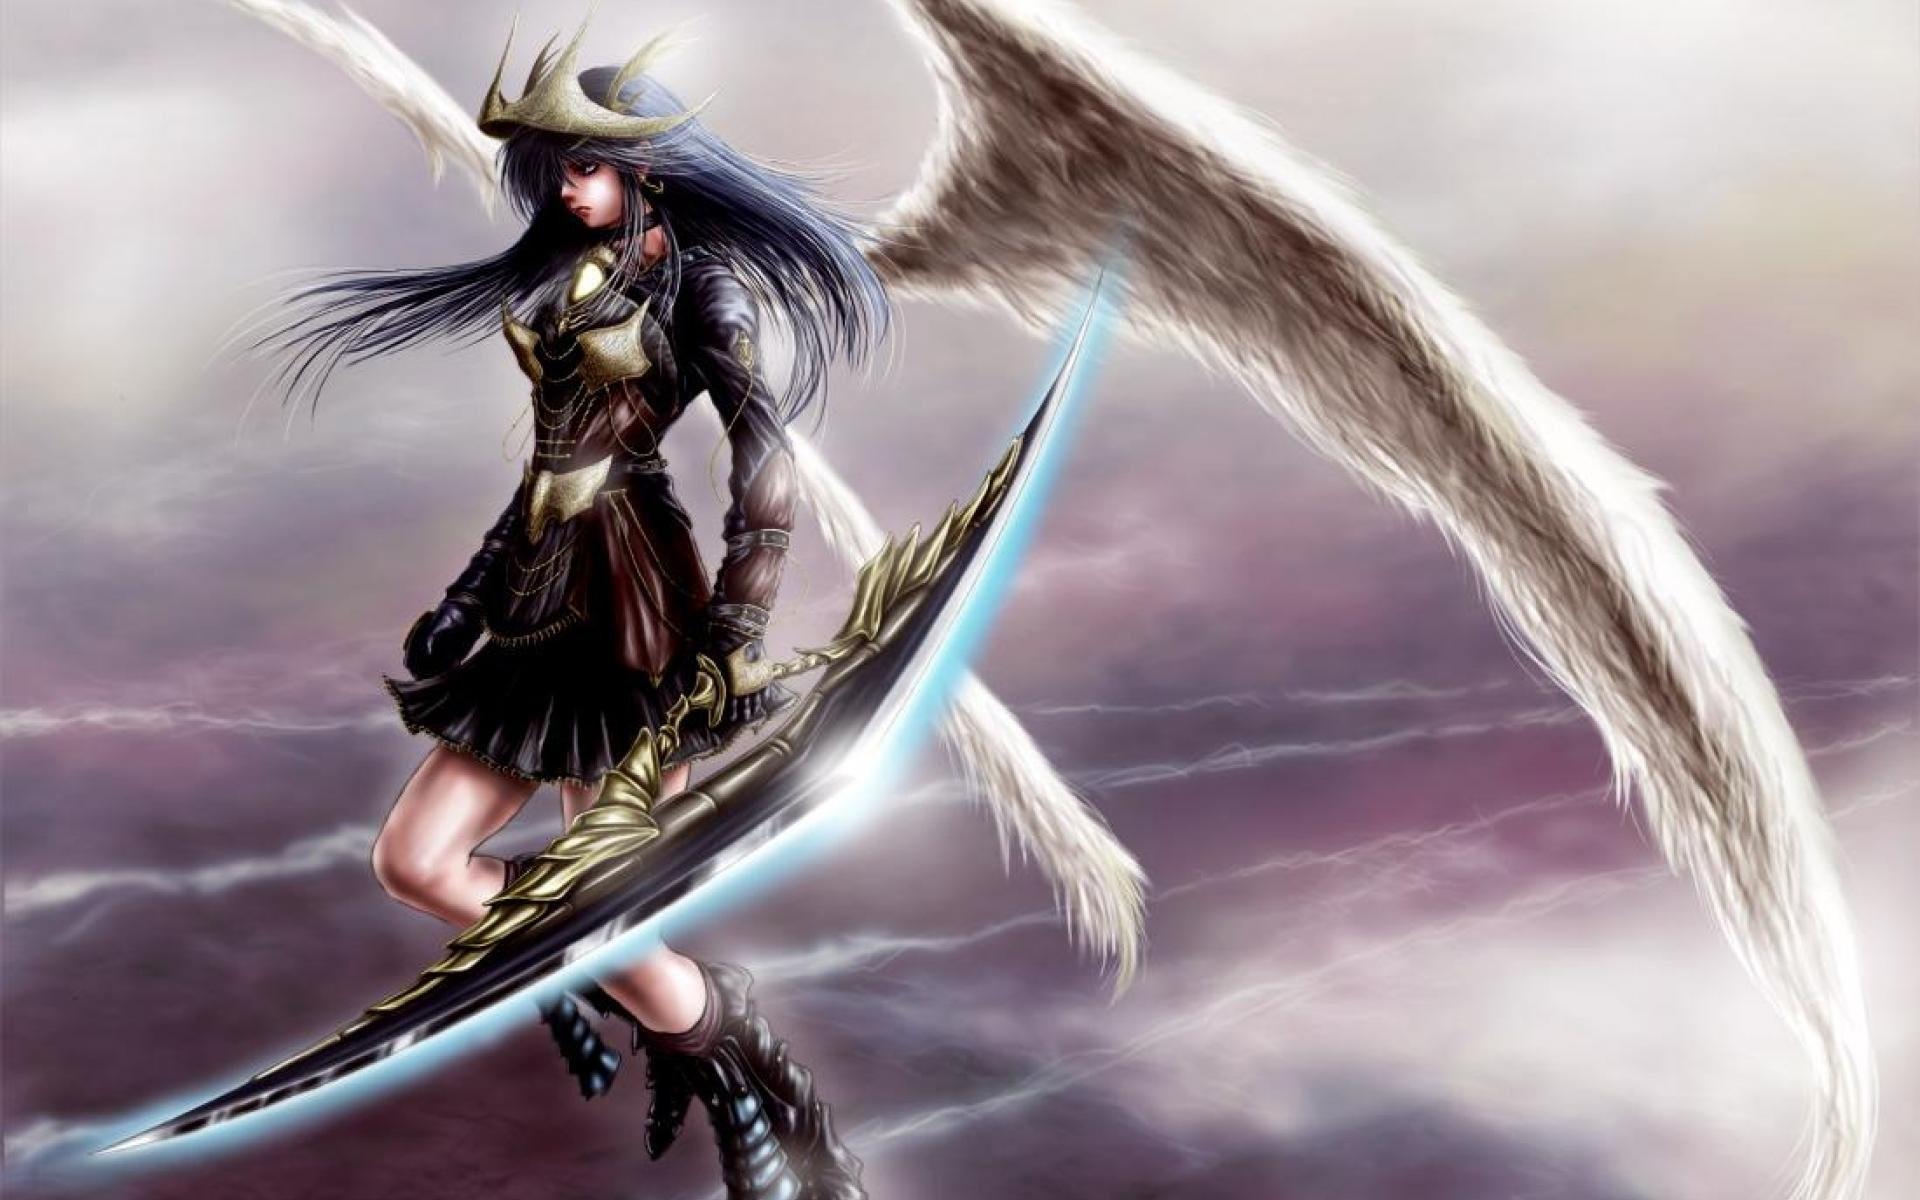 Anime warrior wallpaper 80 images - Angel girl wallpaper ...